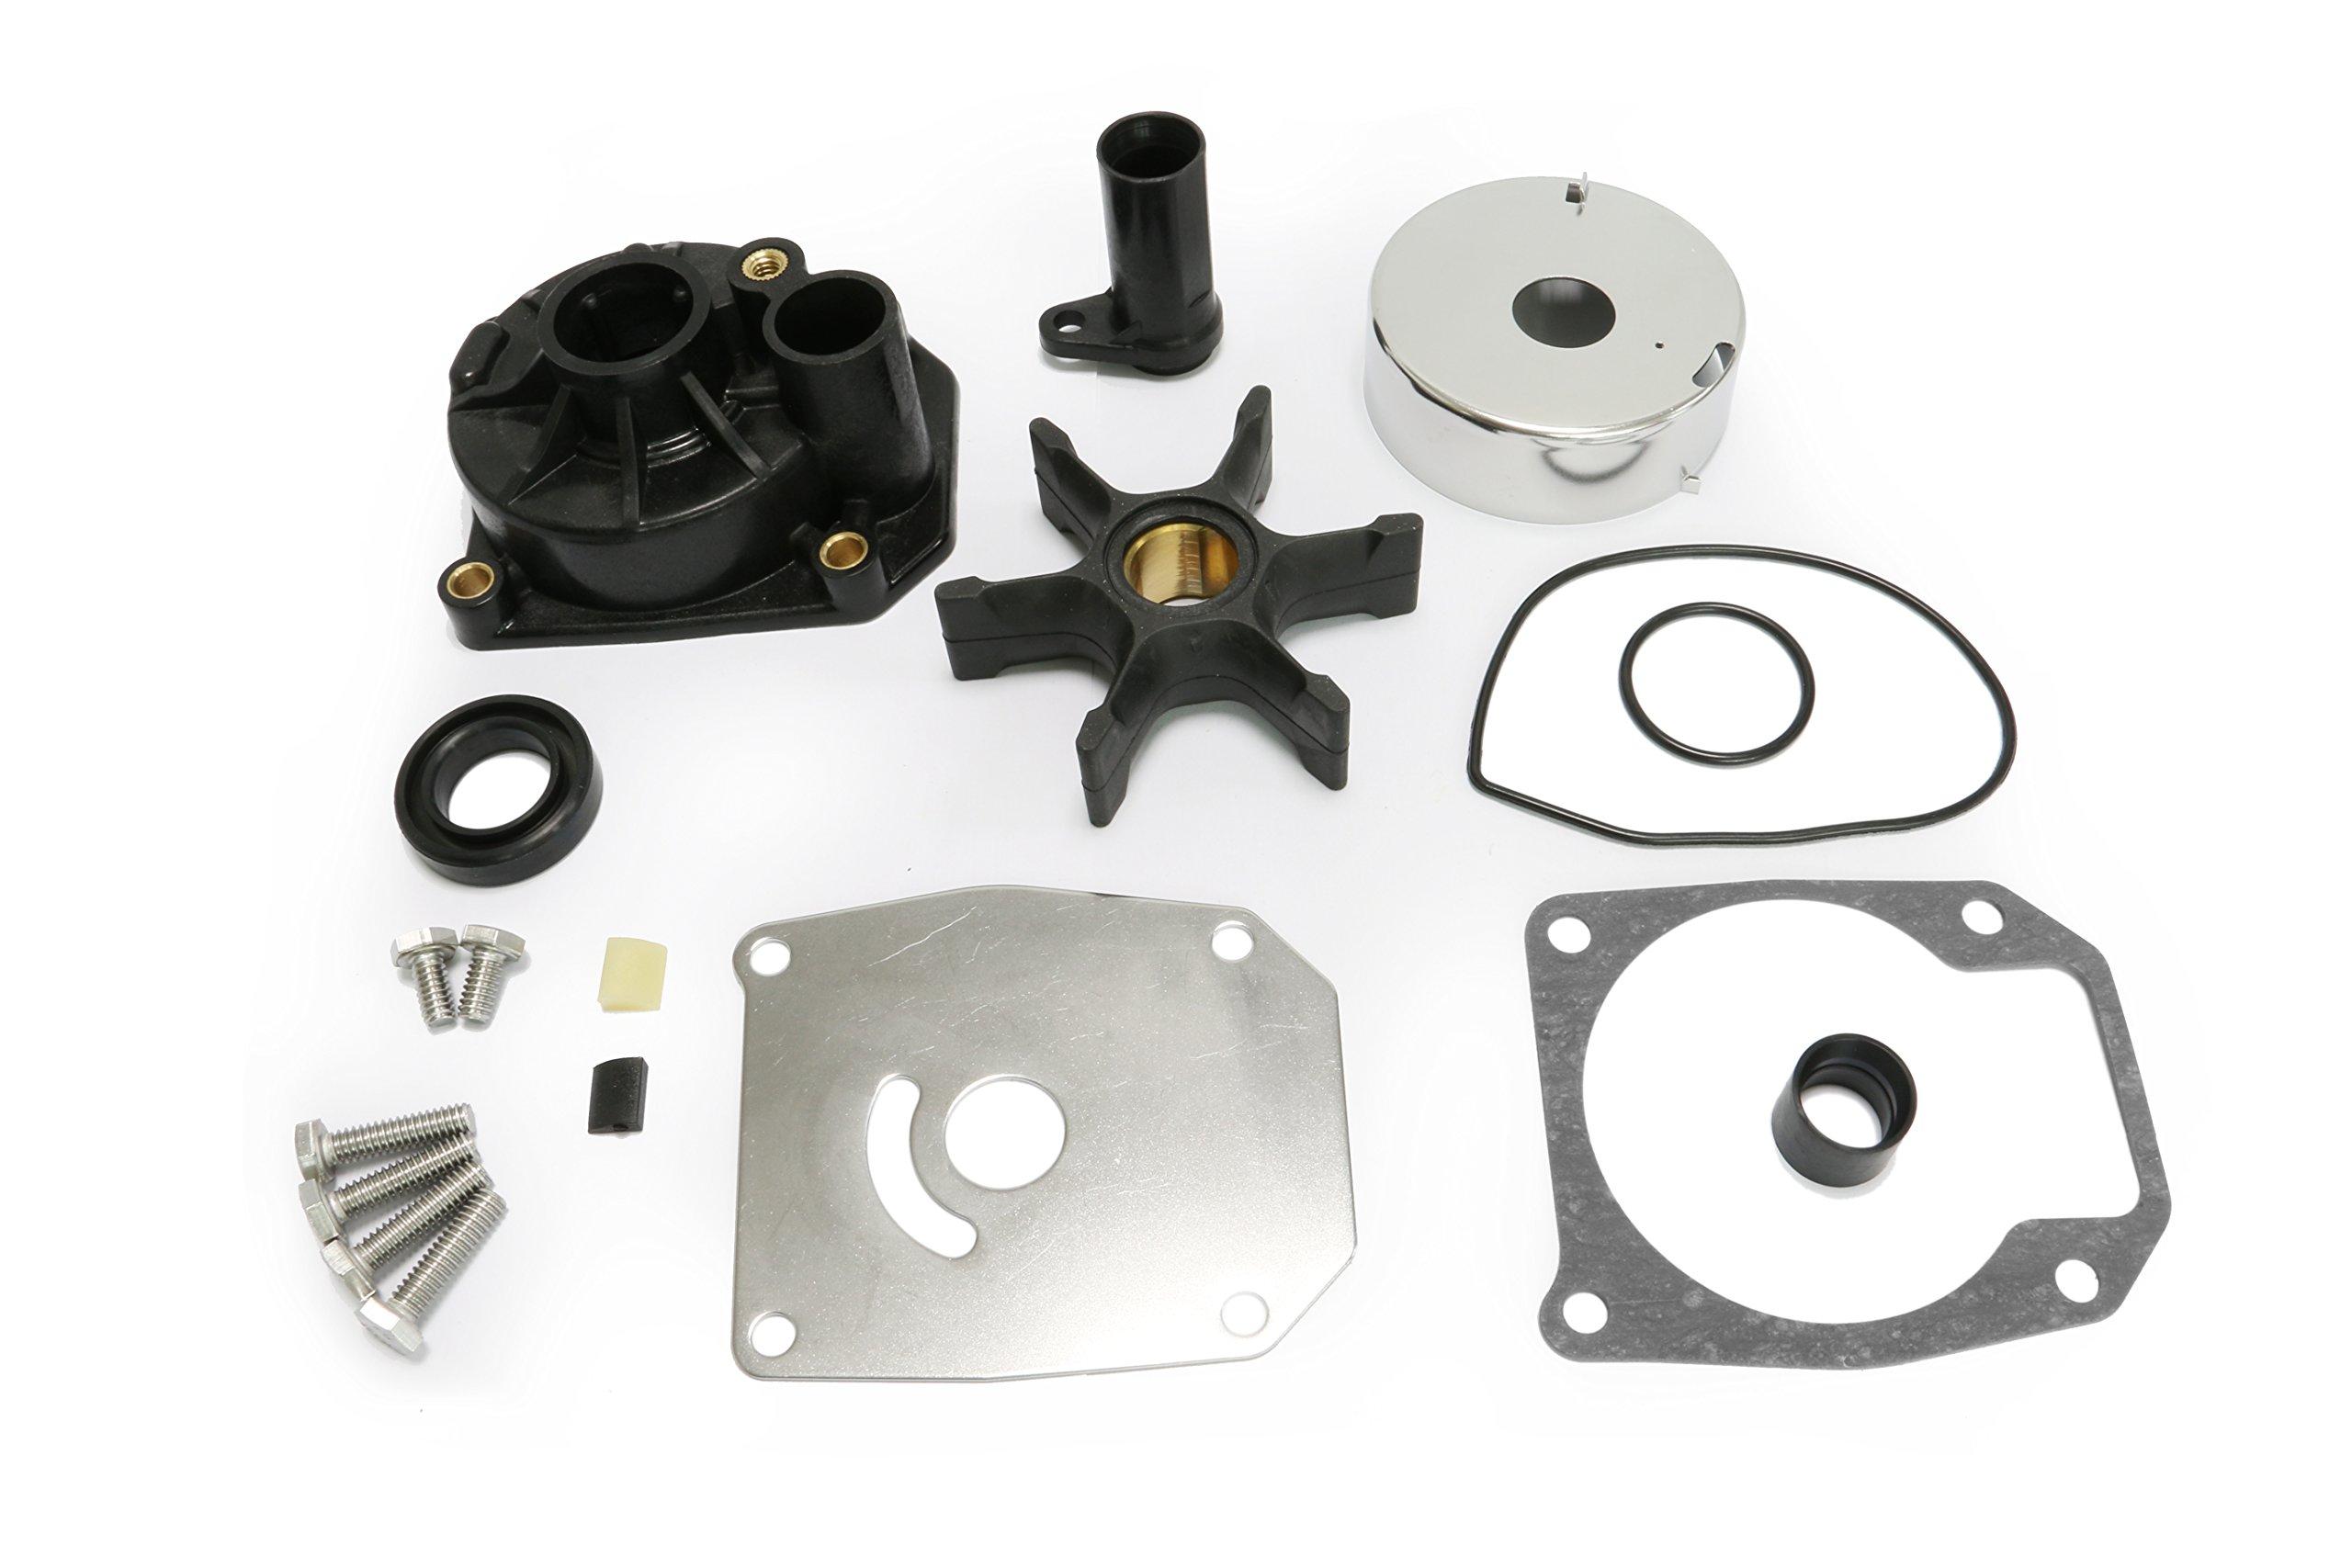 Water Pump Repair Kit Replacement JOHNSON EVINRUDE 432955 65/70/75 HP OMC